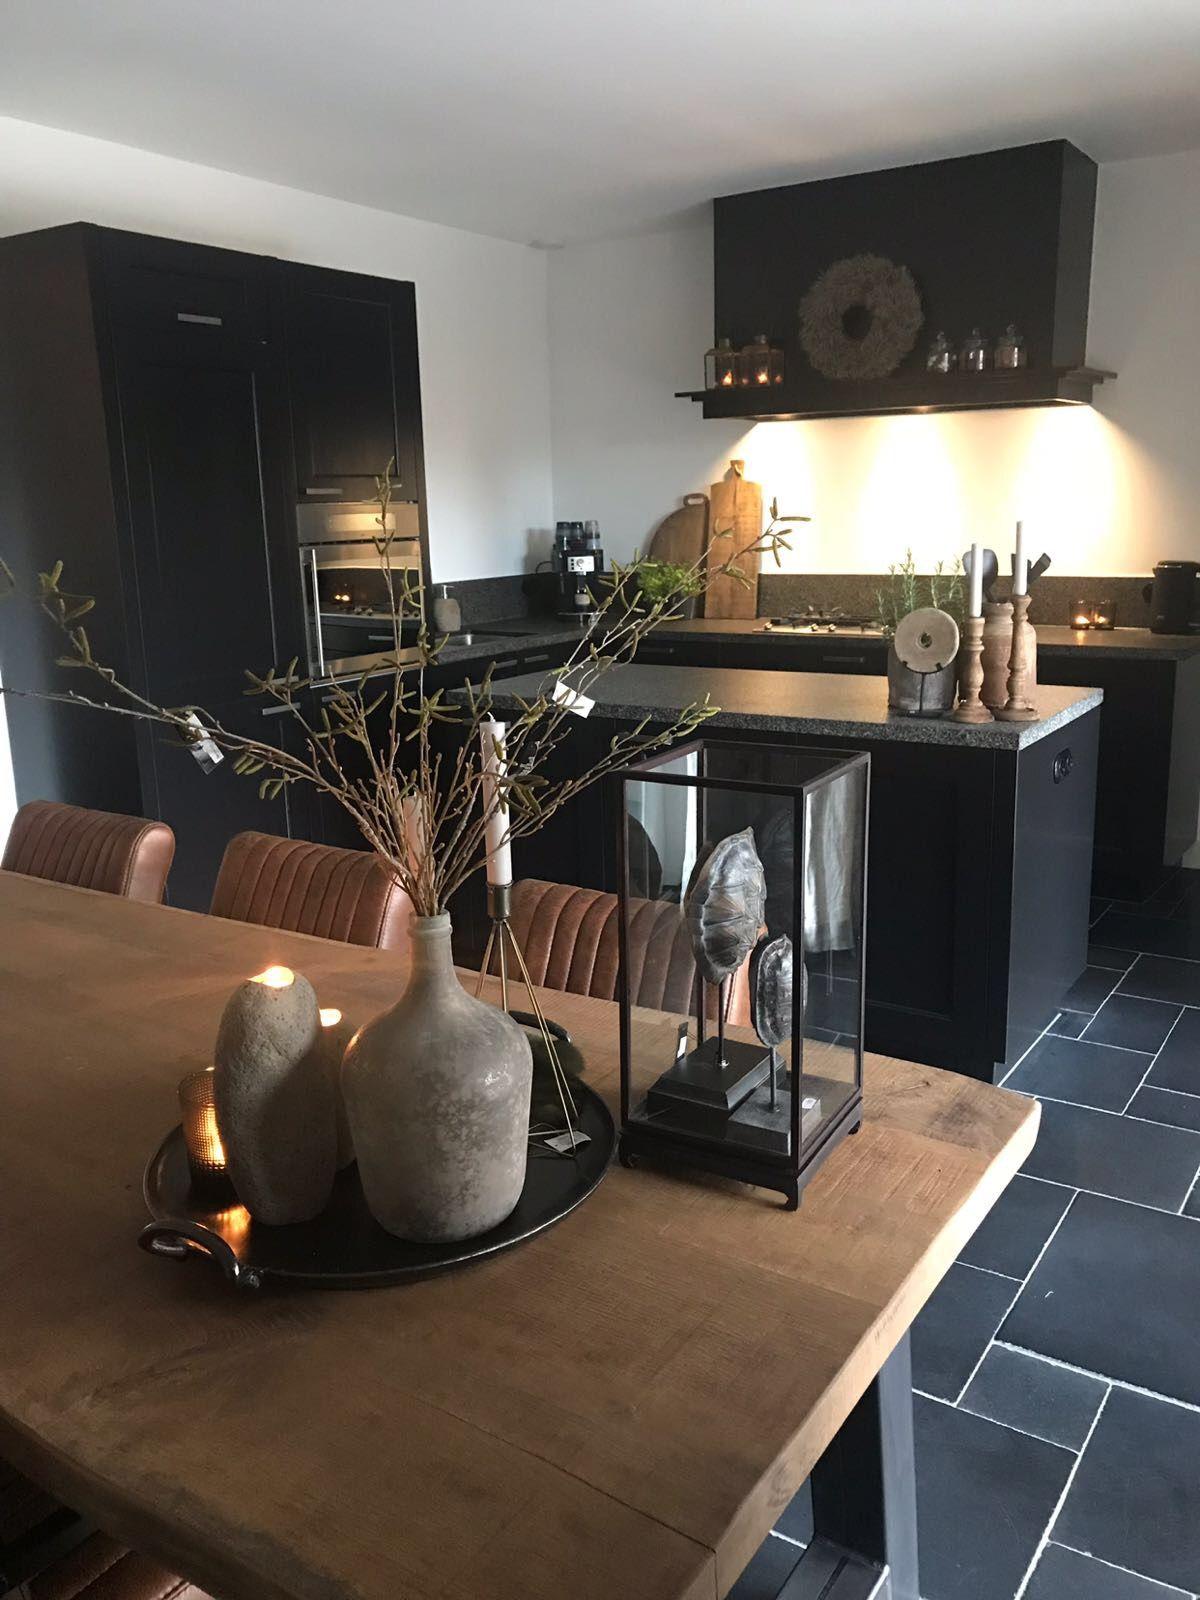 Oud Eiken Eettafel Met Stalen A Poot Appartement Inrichting Eettafel Decoraties Woonkamer Decoratie